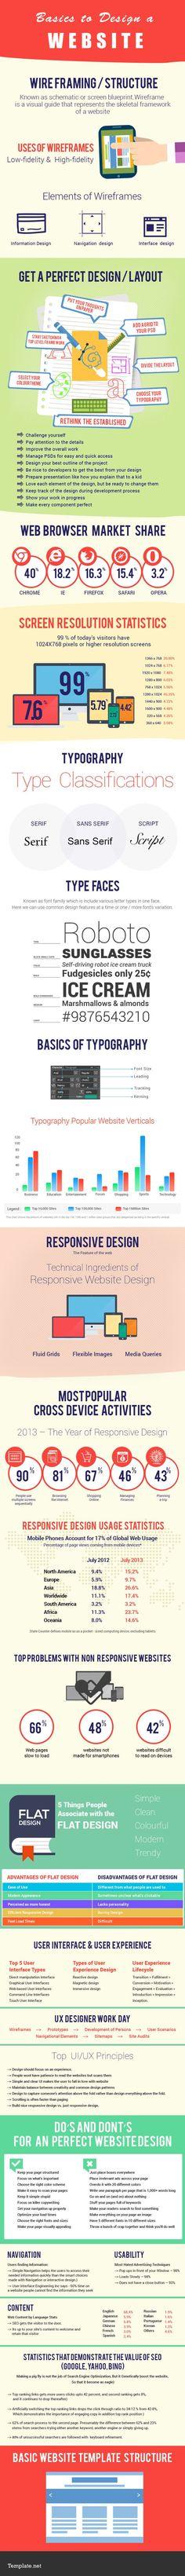 Resultado de imagem para fluxograma hotsite fluxograma pinterest basics to design a website infographic httpfleetheratracespot ccuart Gallery